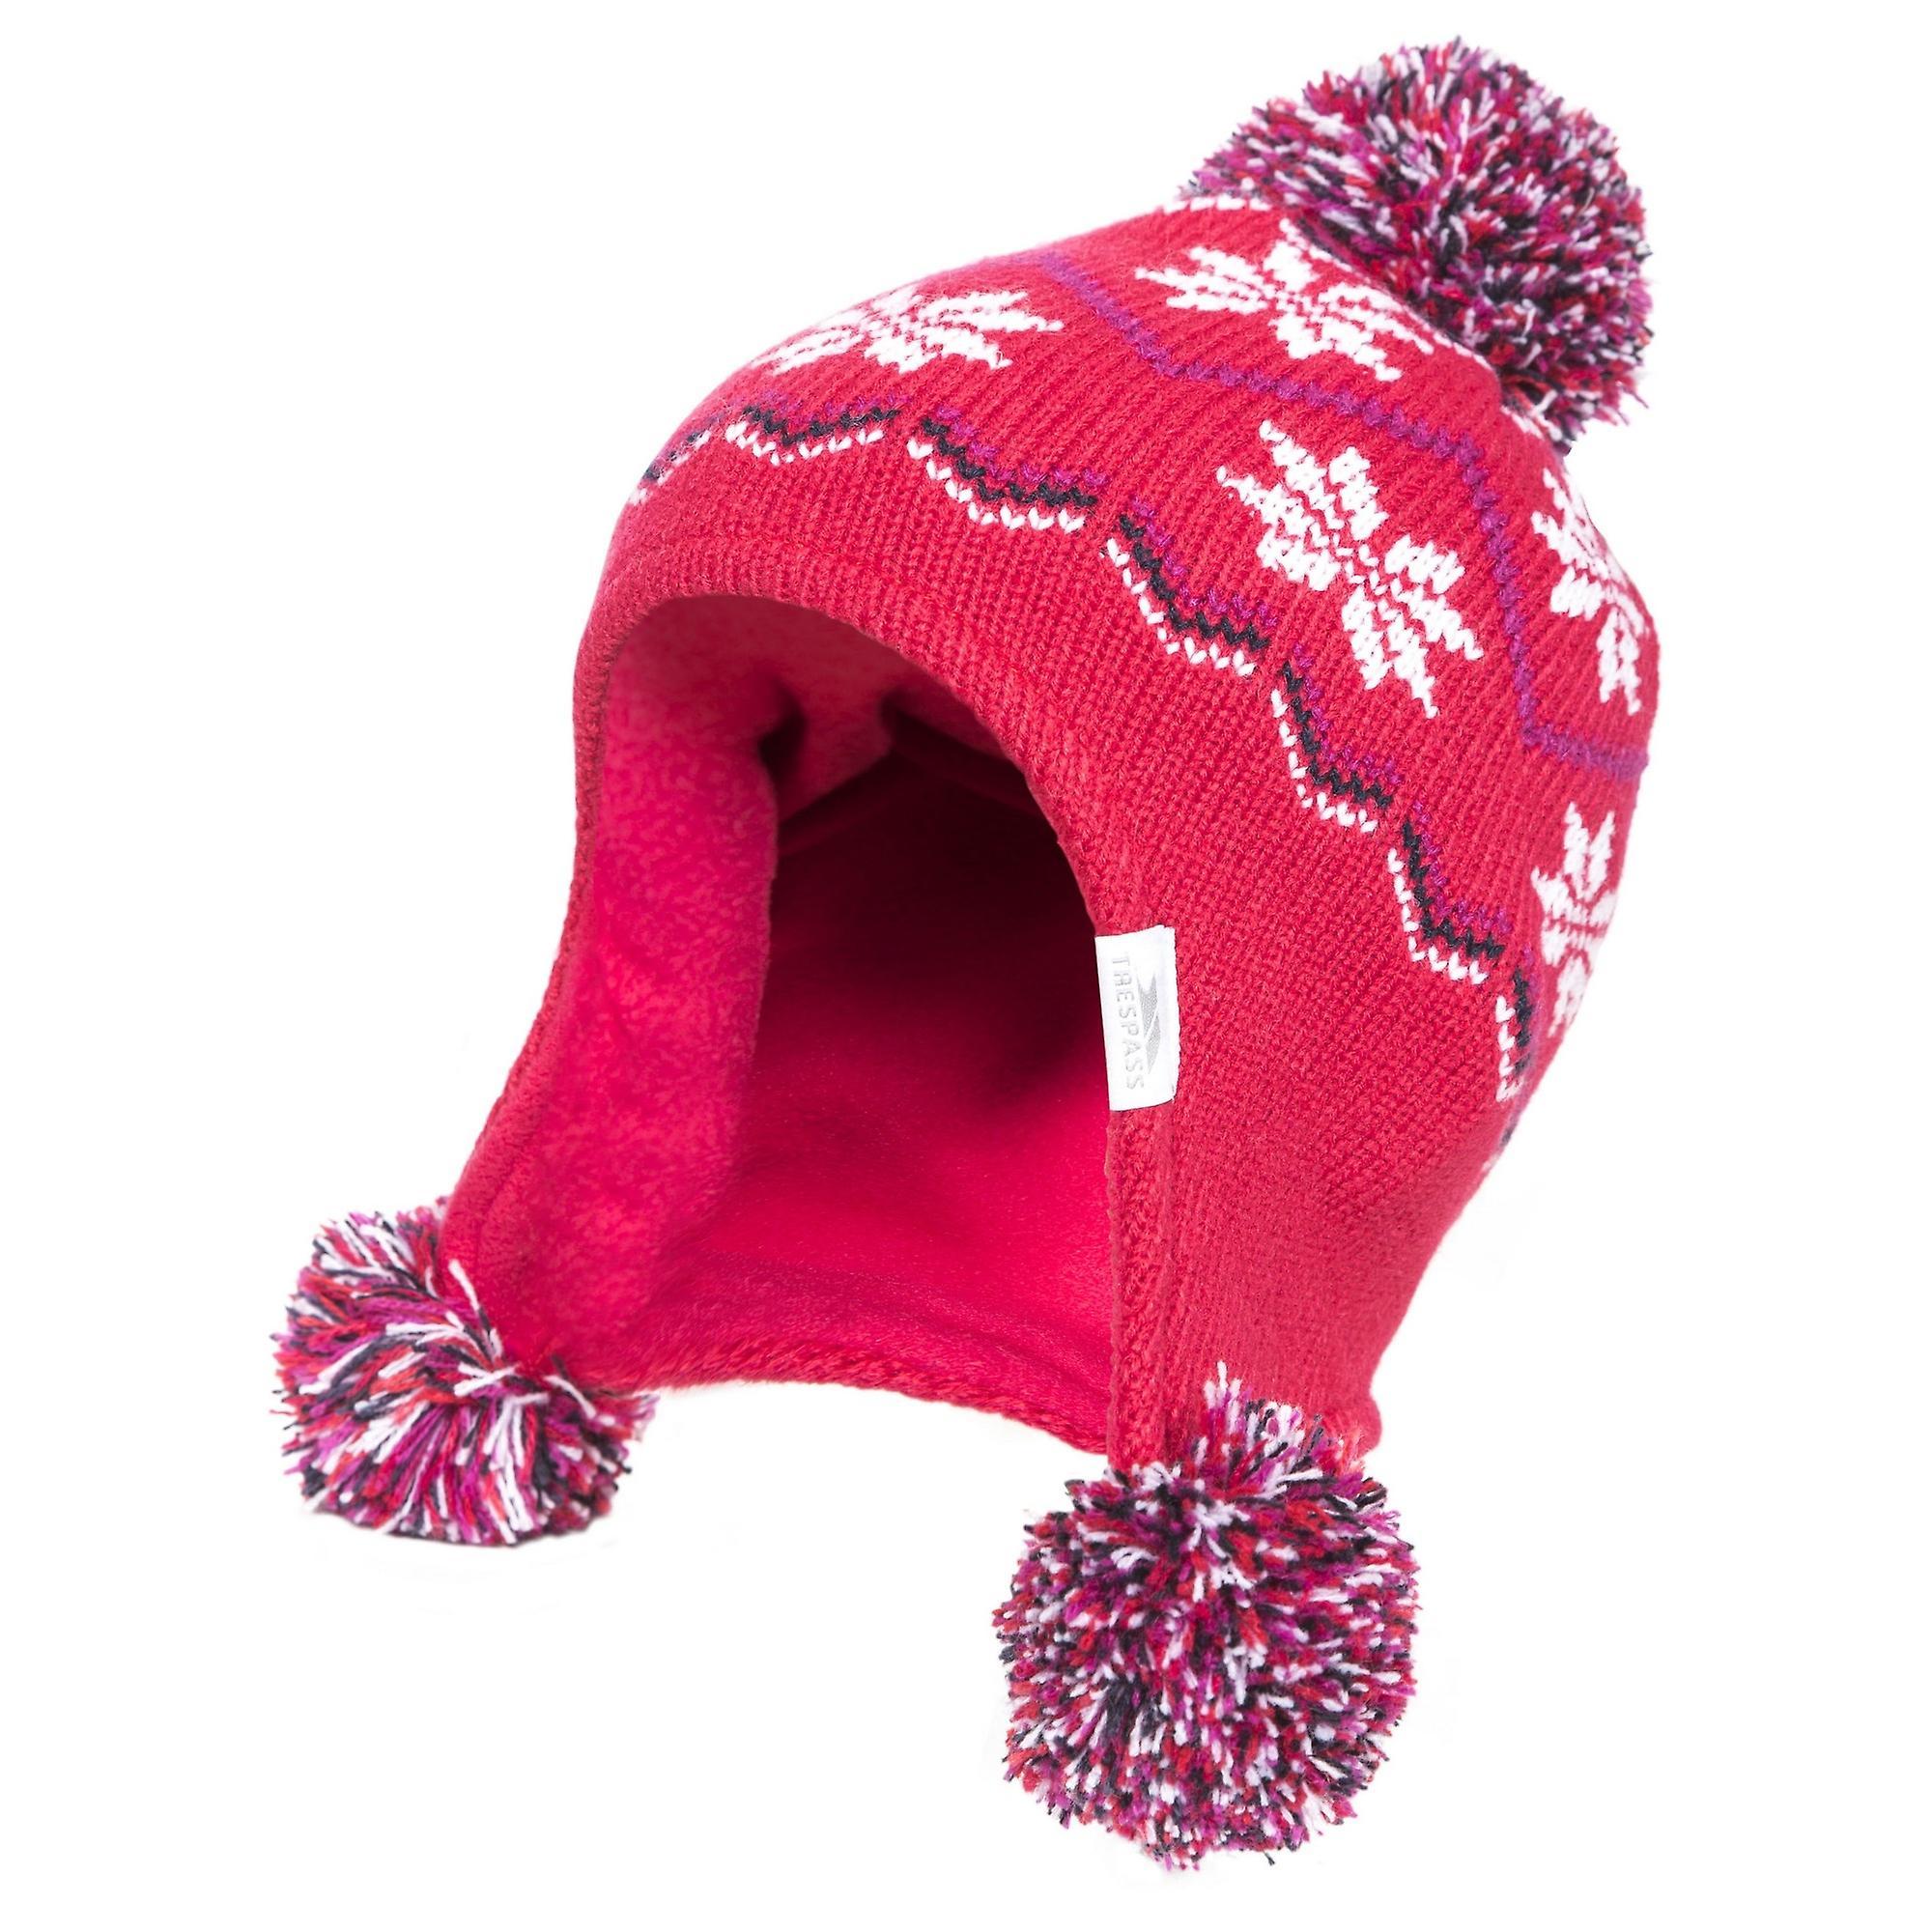 Trespass neonati Twizzle inverno orecchio più caldo cappello